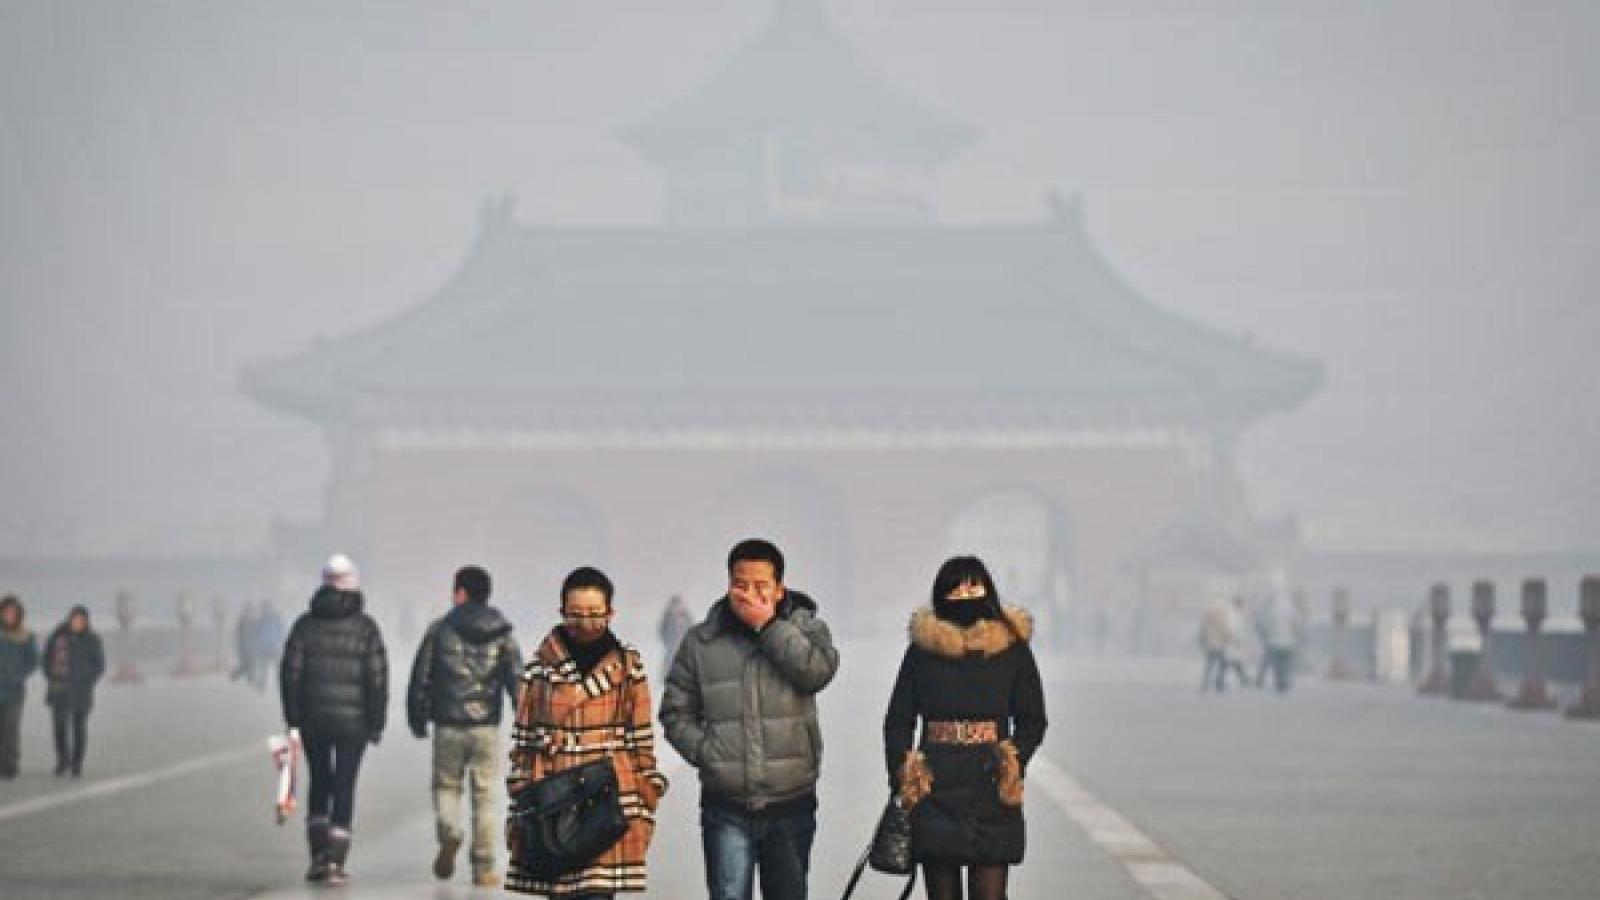 Bắc Kinhyêu cầu các trường học dừng hoạt động ngoài trời do không khíô nhiễm